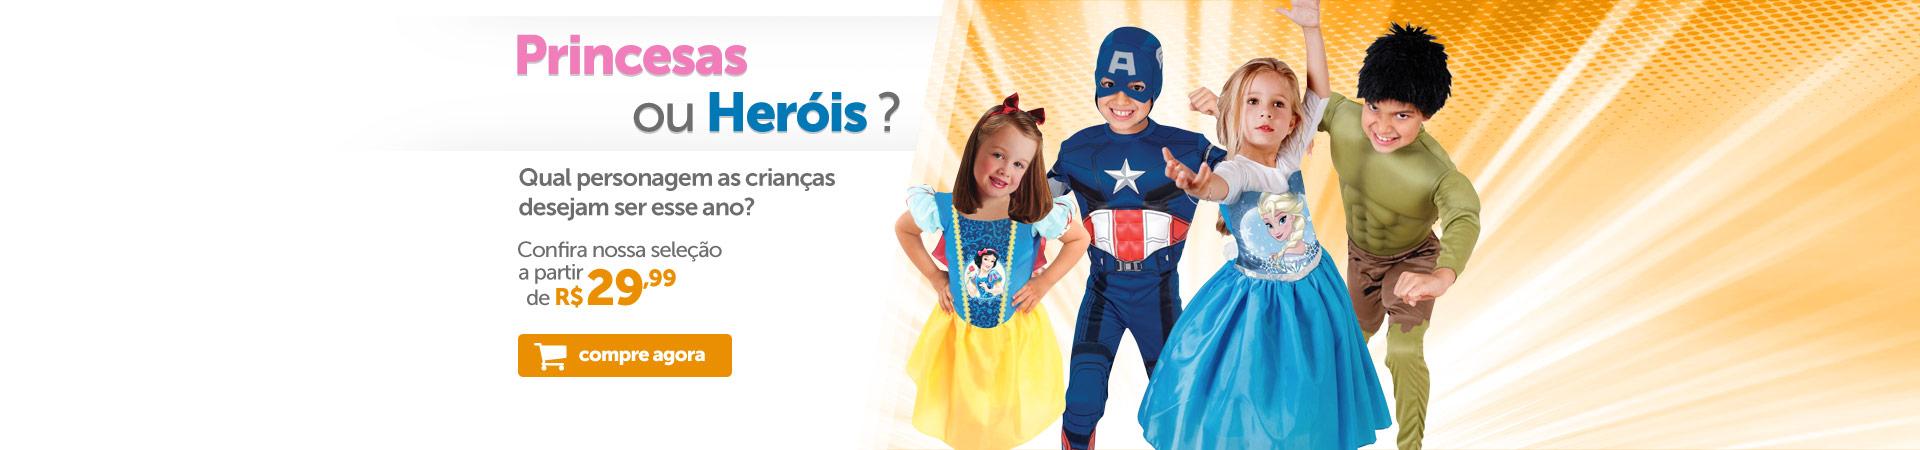 Princesas x Heróis